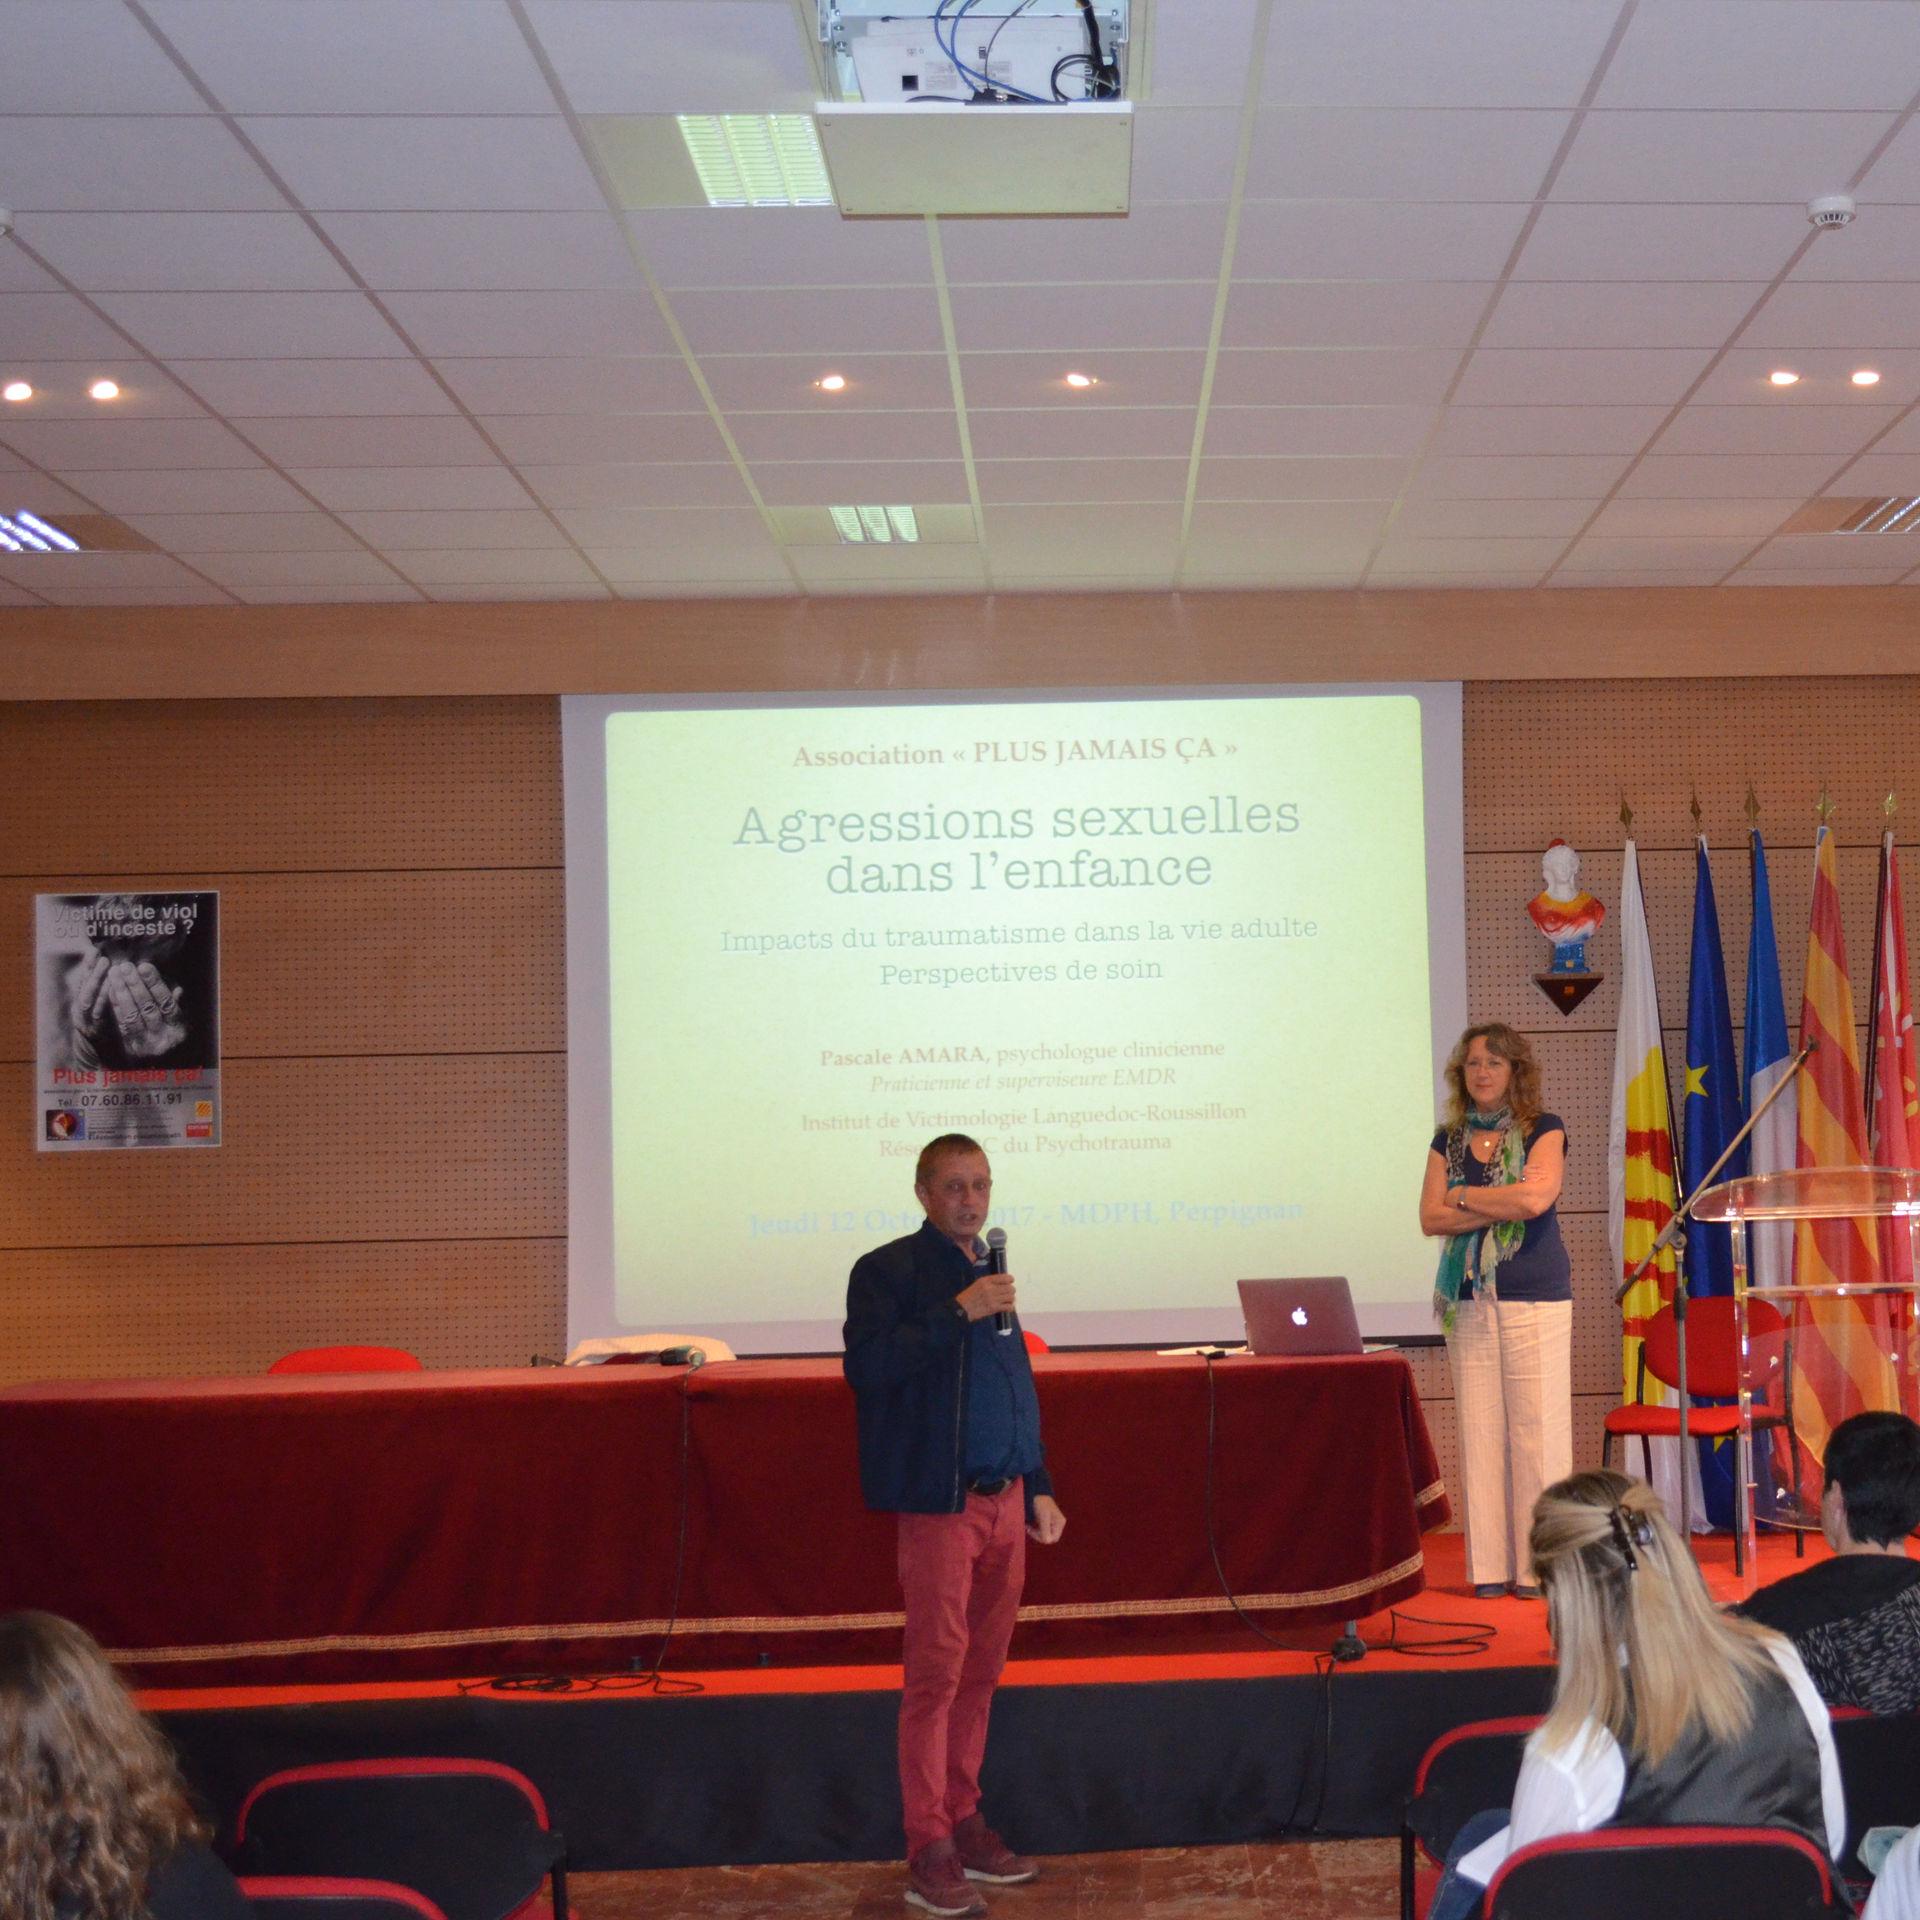 Conférence avec Pascale AMARA